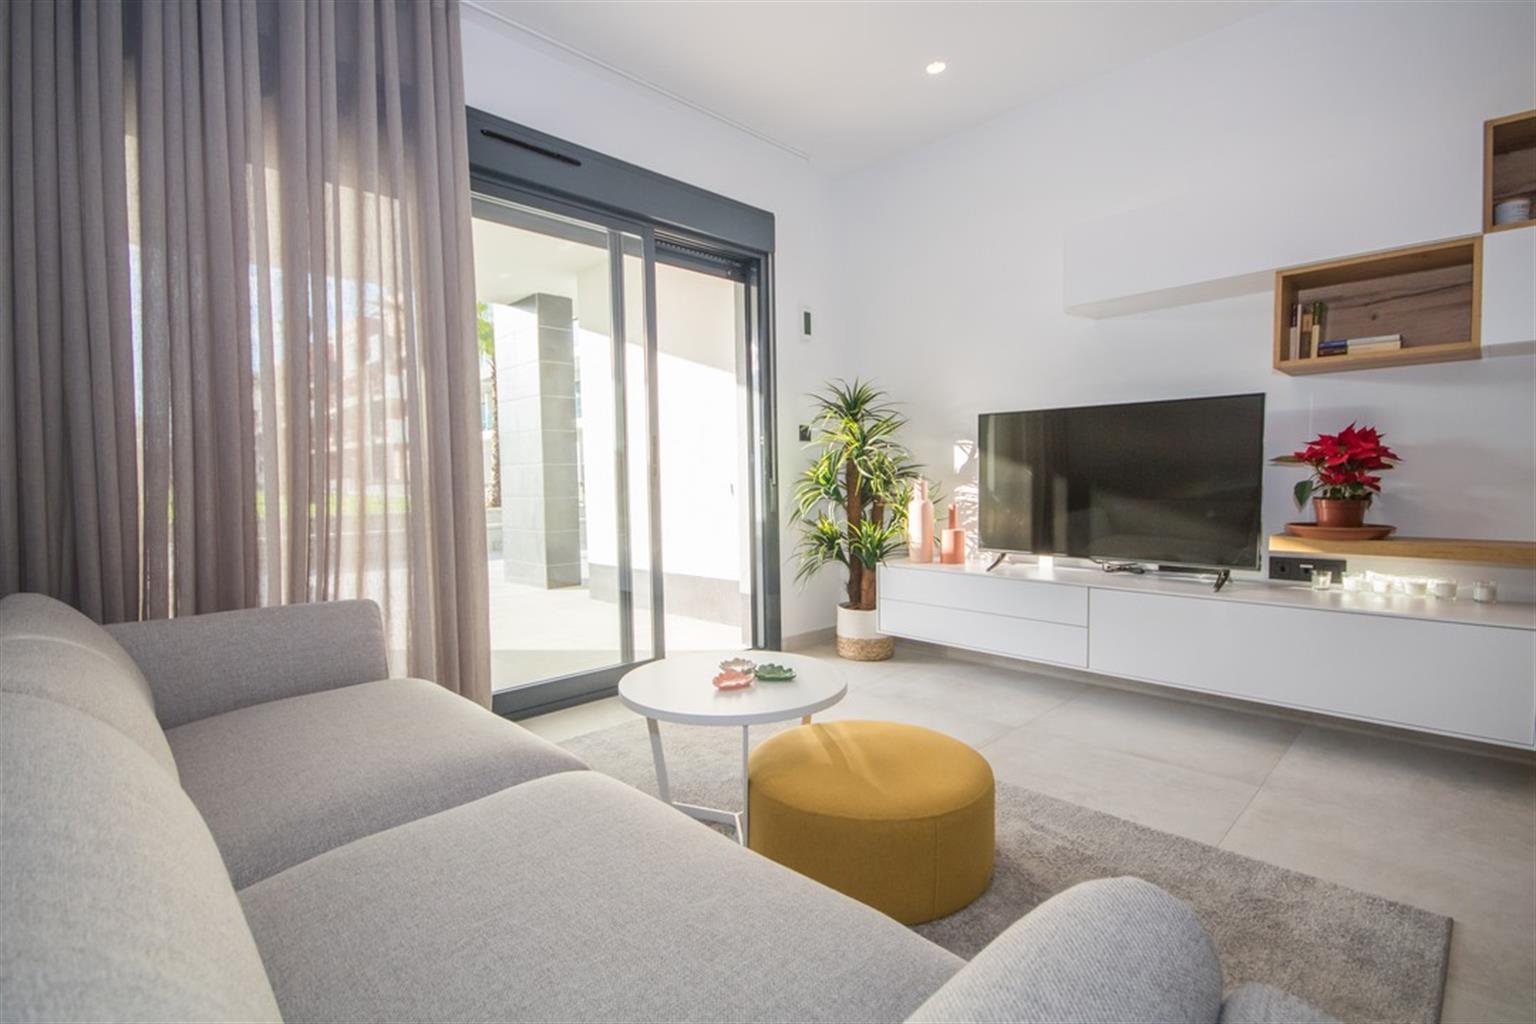 Appartement - El Raso  - #4230271-28